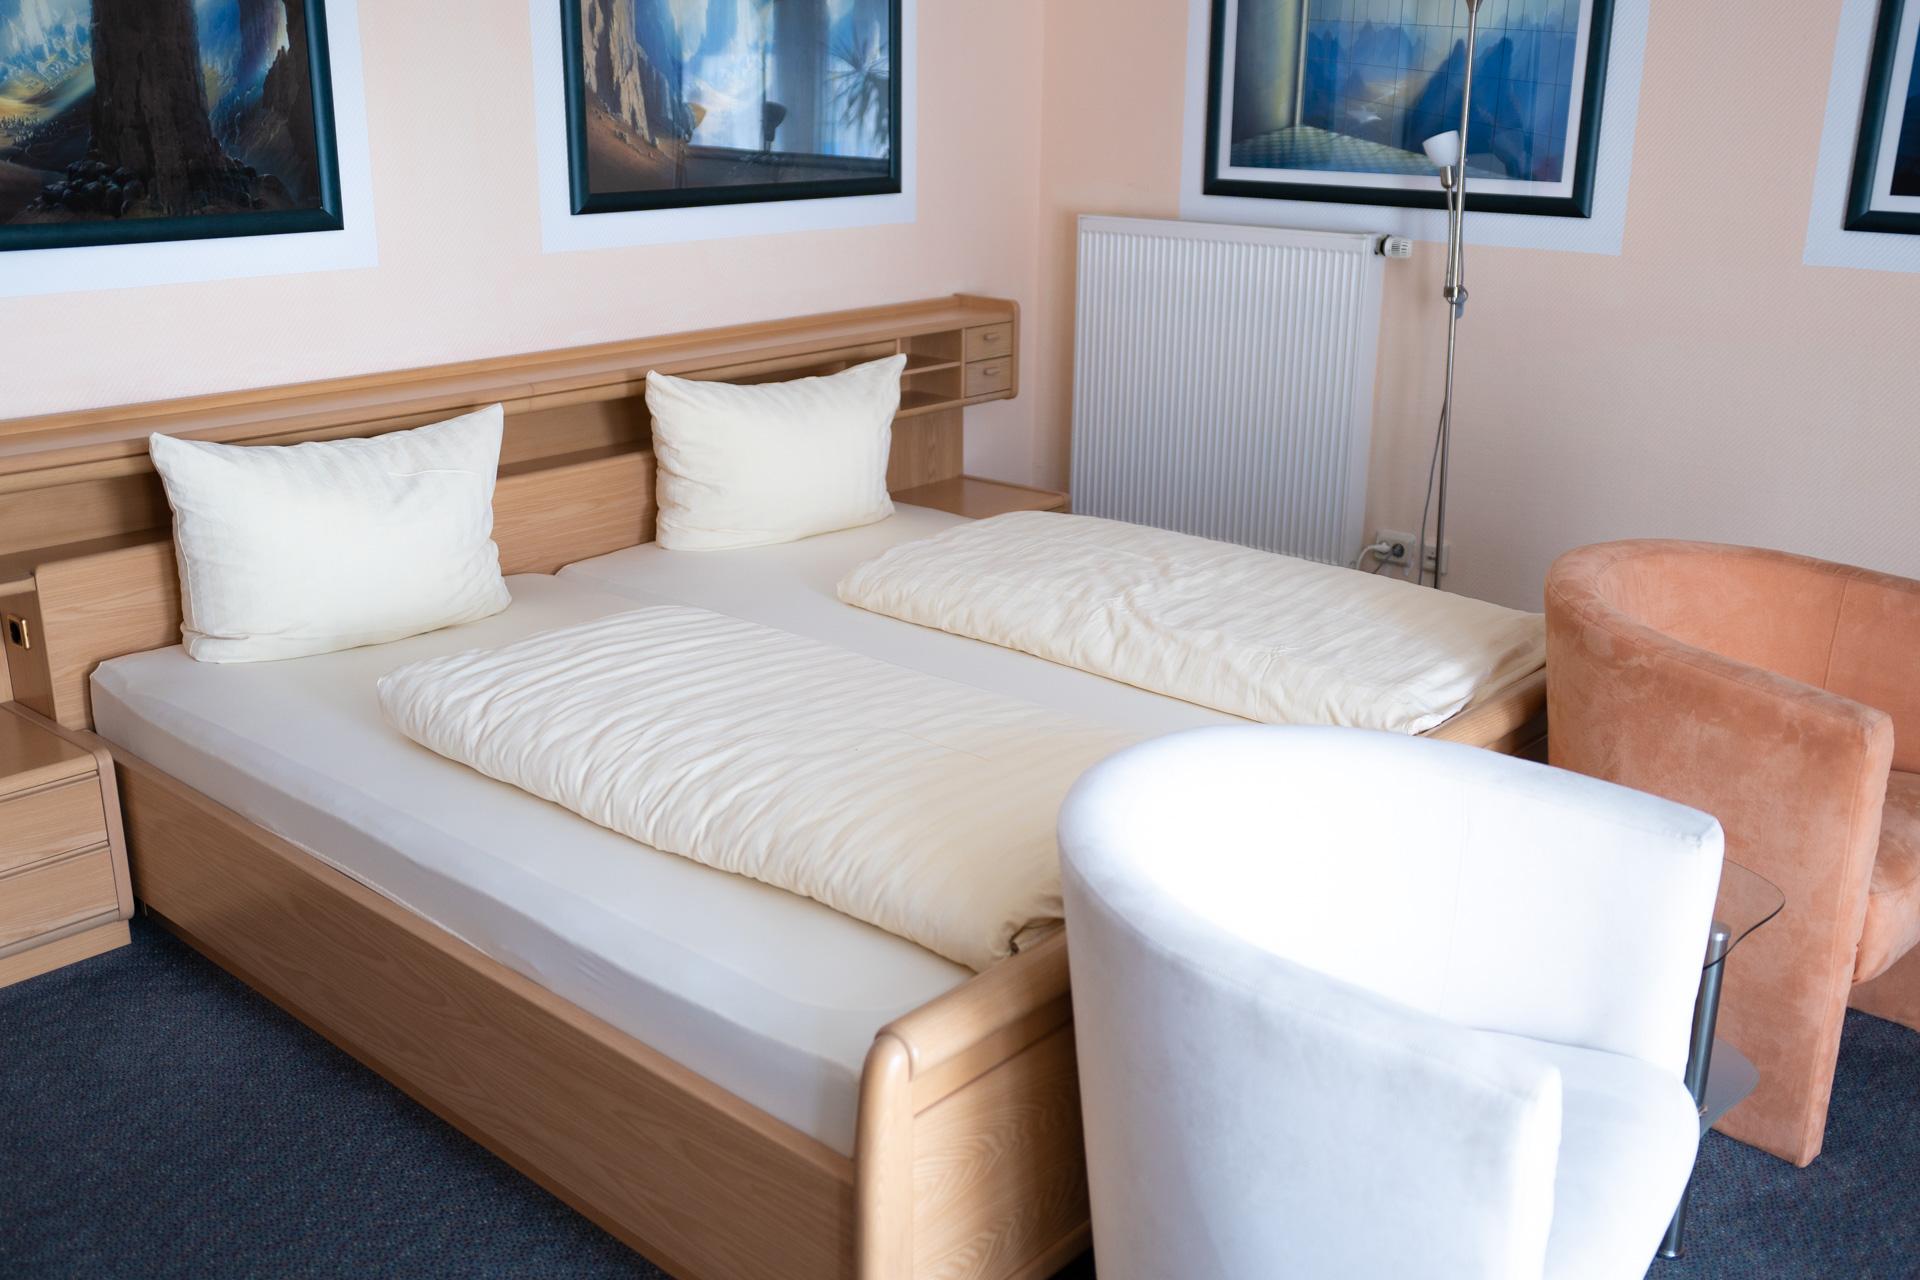 Deluxezimmer01_Bett